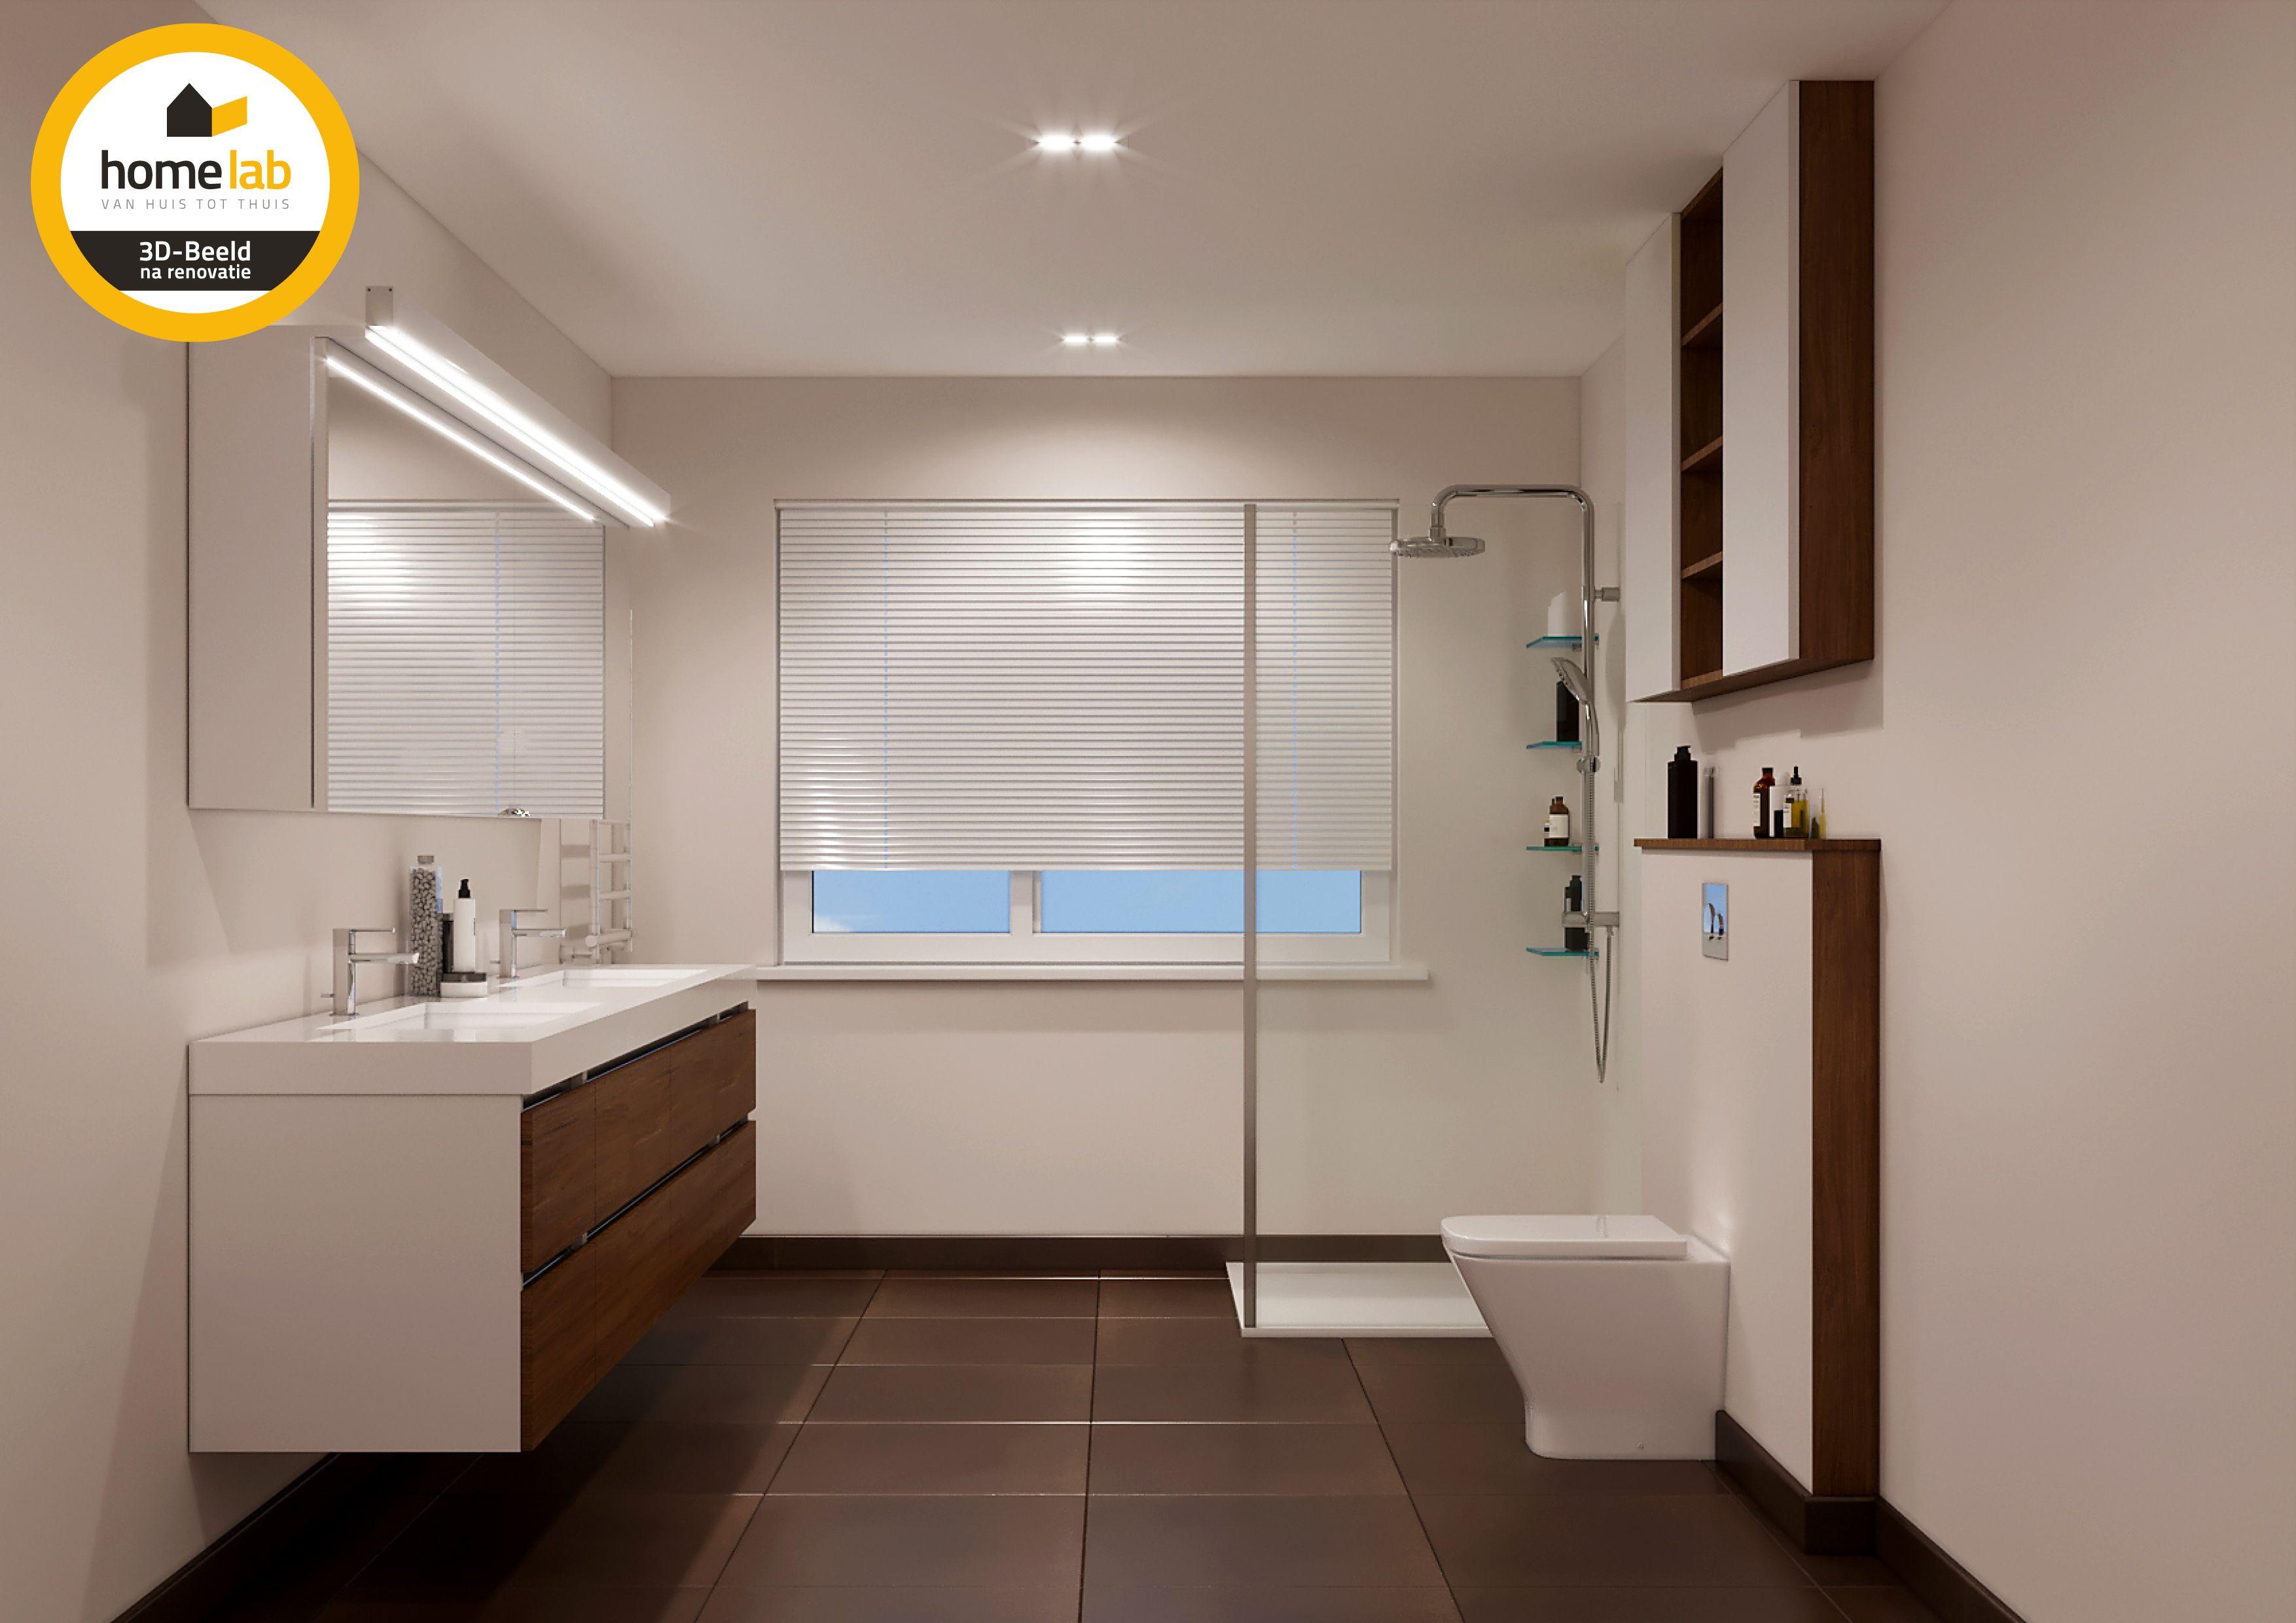 Moderne badkamer met hout afgewerkt homelab homelabprojects